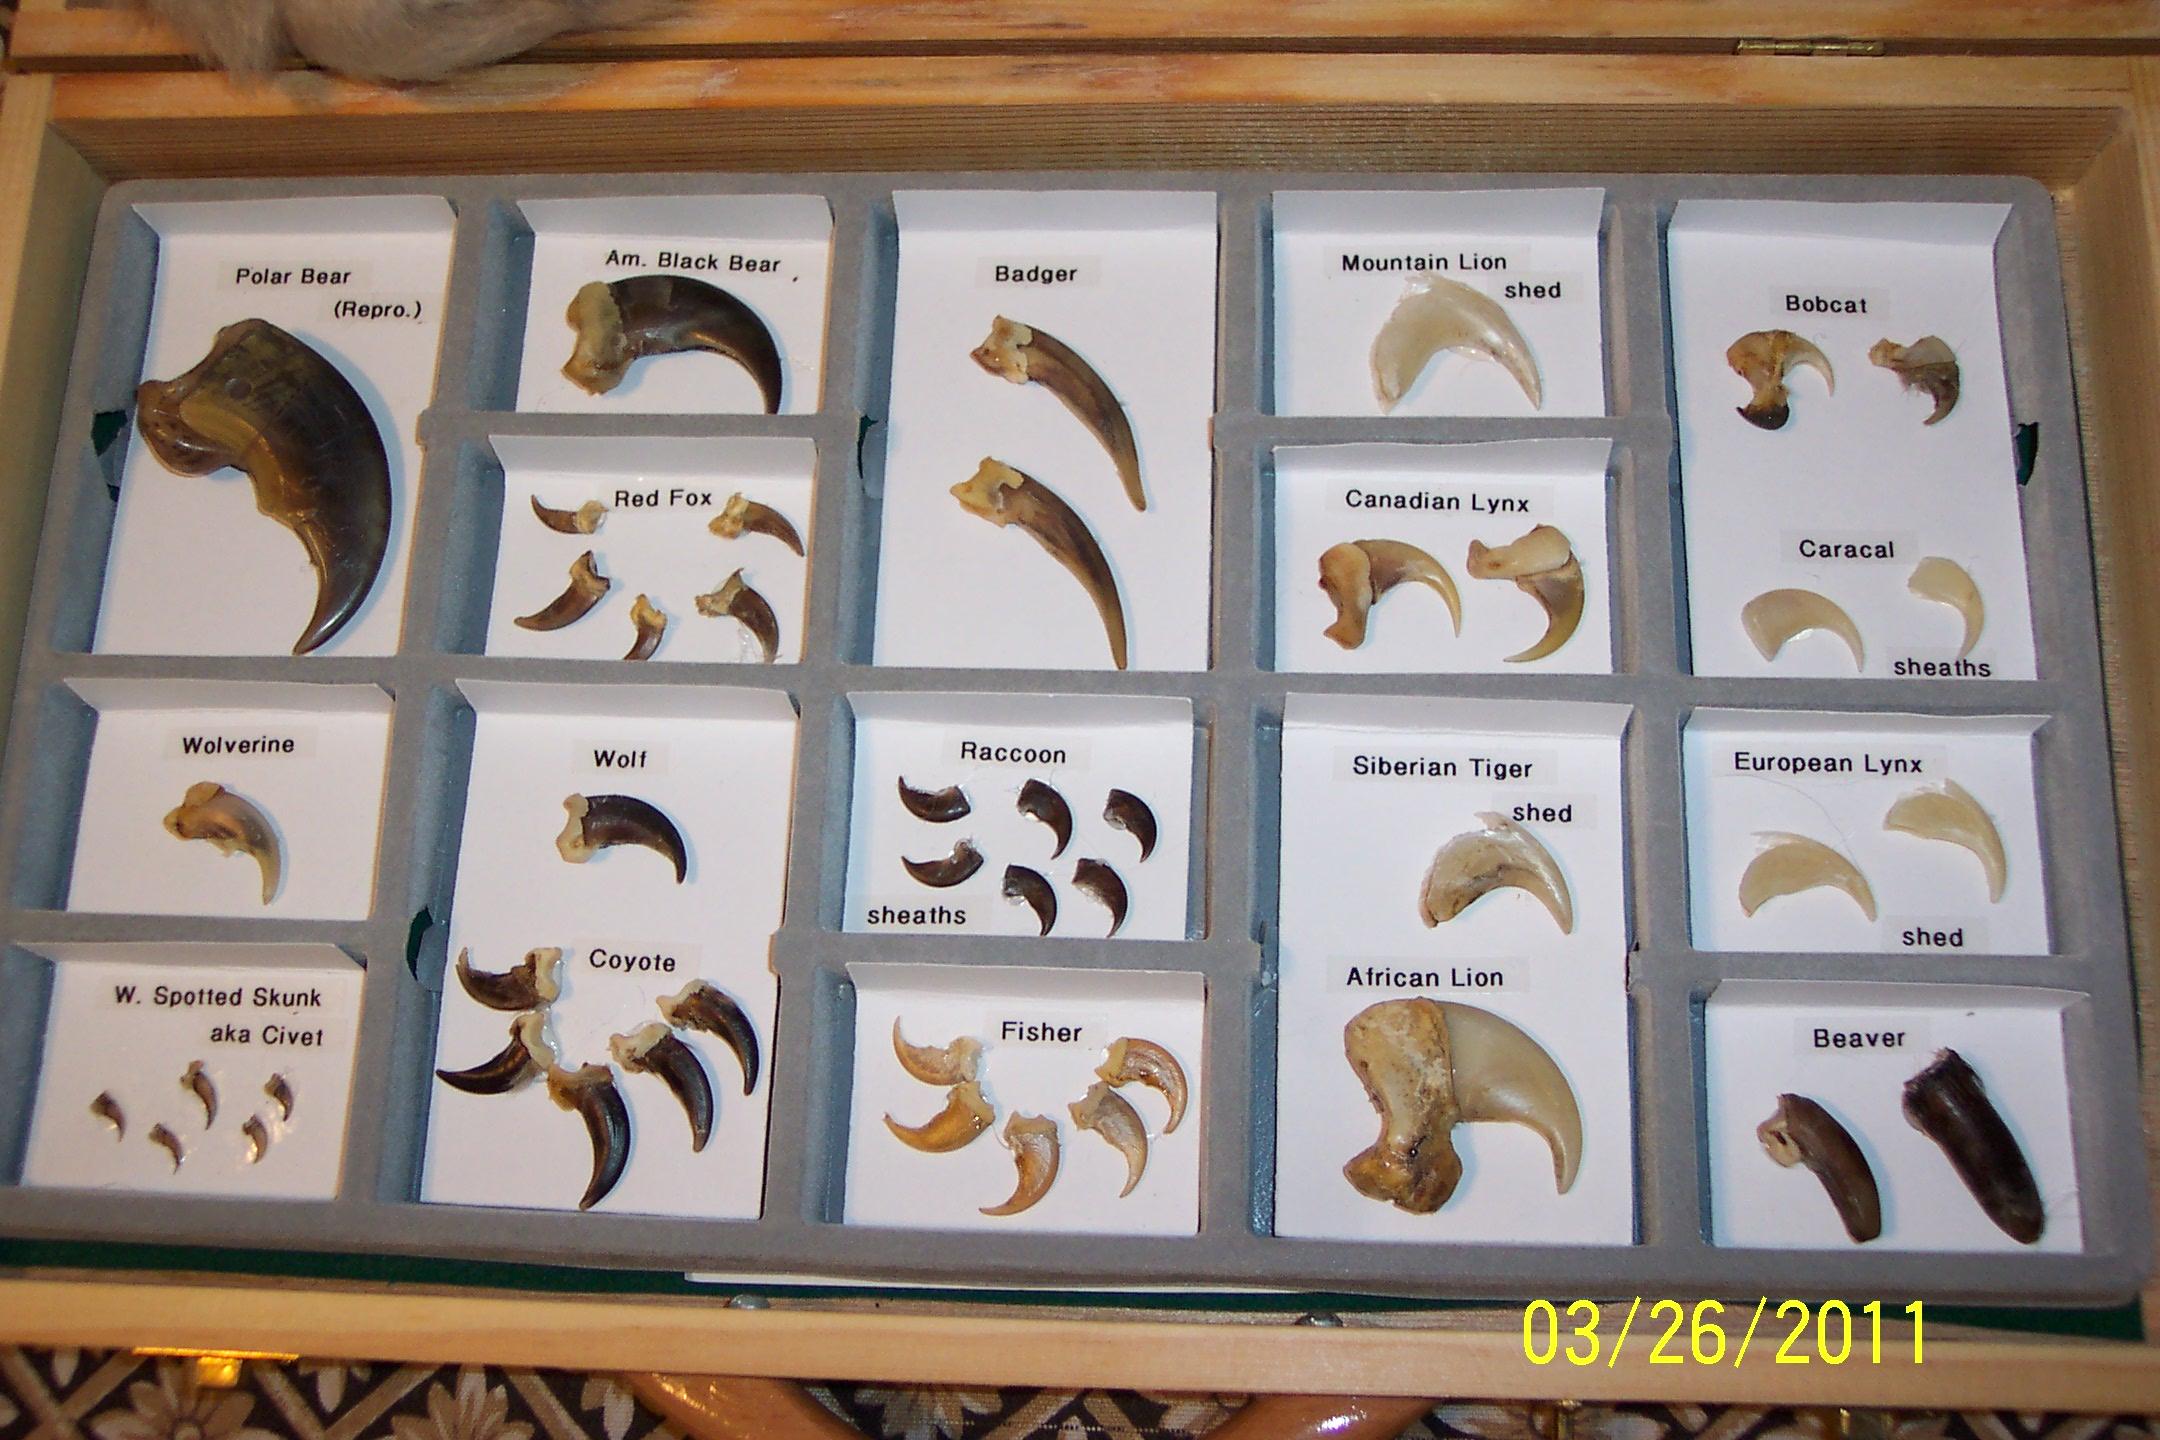 https://wildlifeeducationbybernie.files.wordpress.com/2011/09/100_59381.jpg